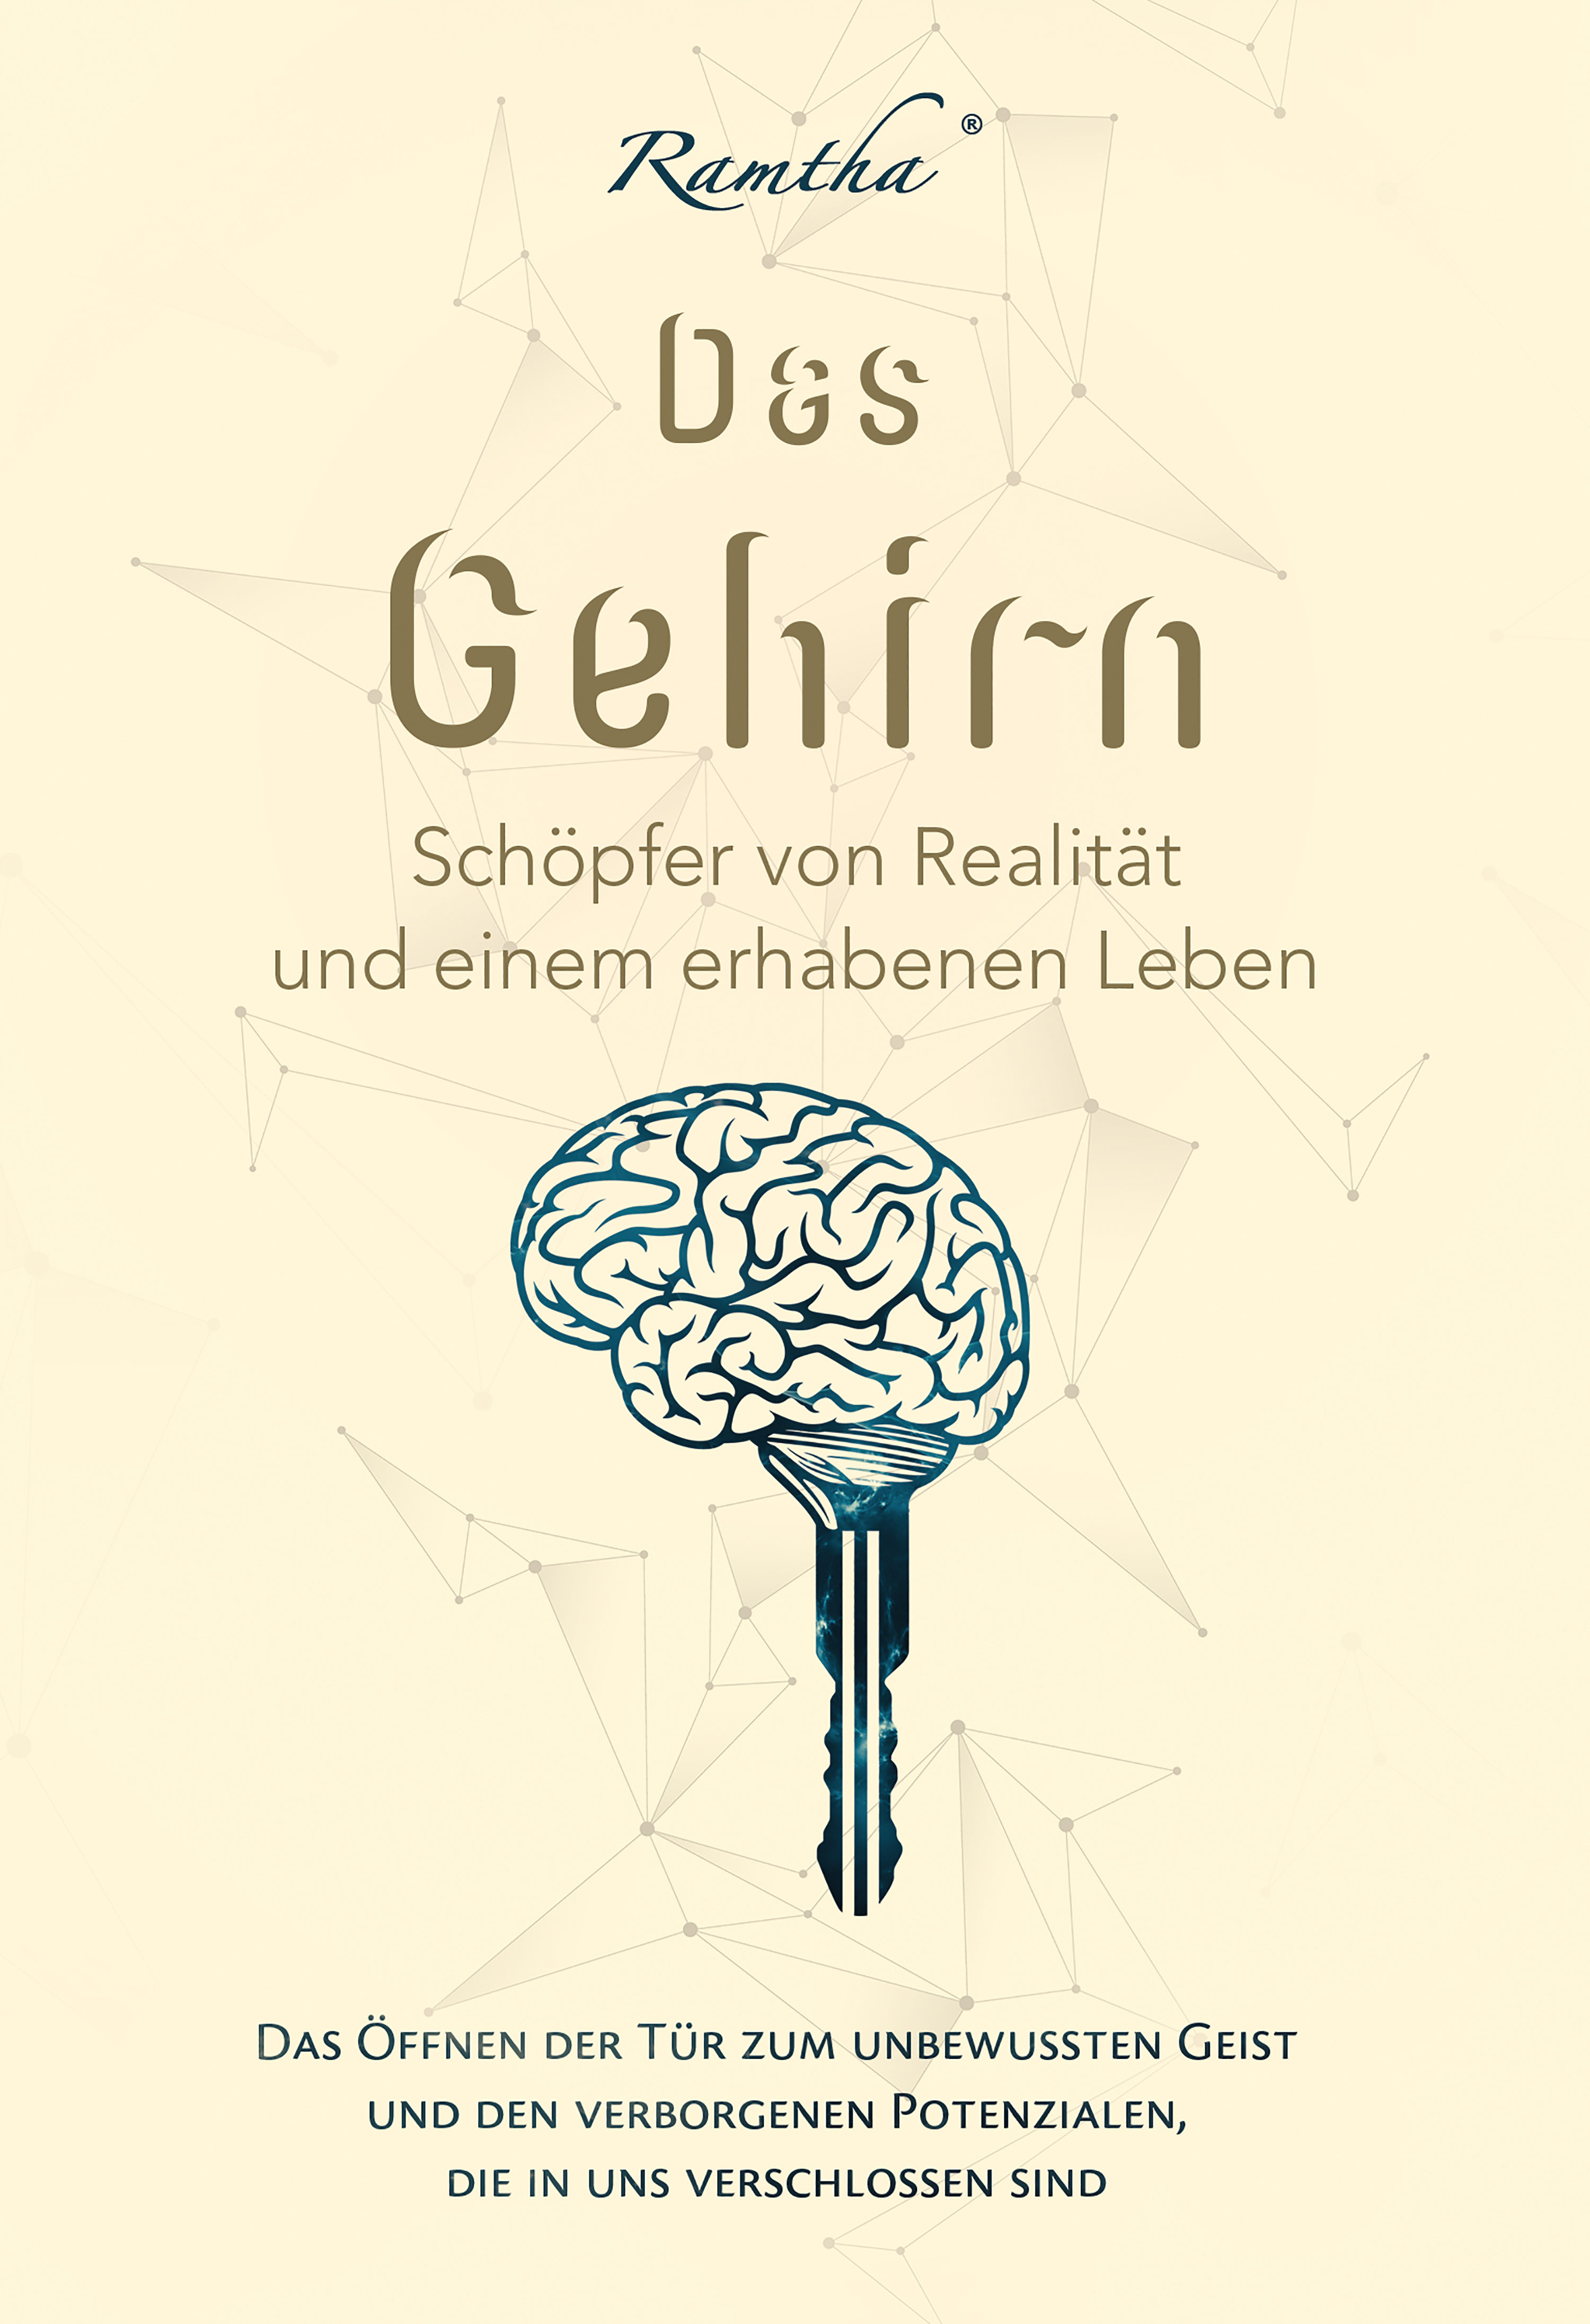 Ziemlich Teile Und Funktion Des Gehirns Bilder - Anatomie Ideen ...